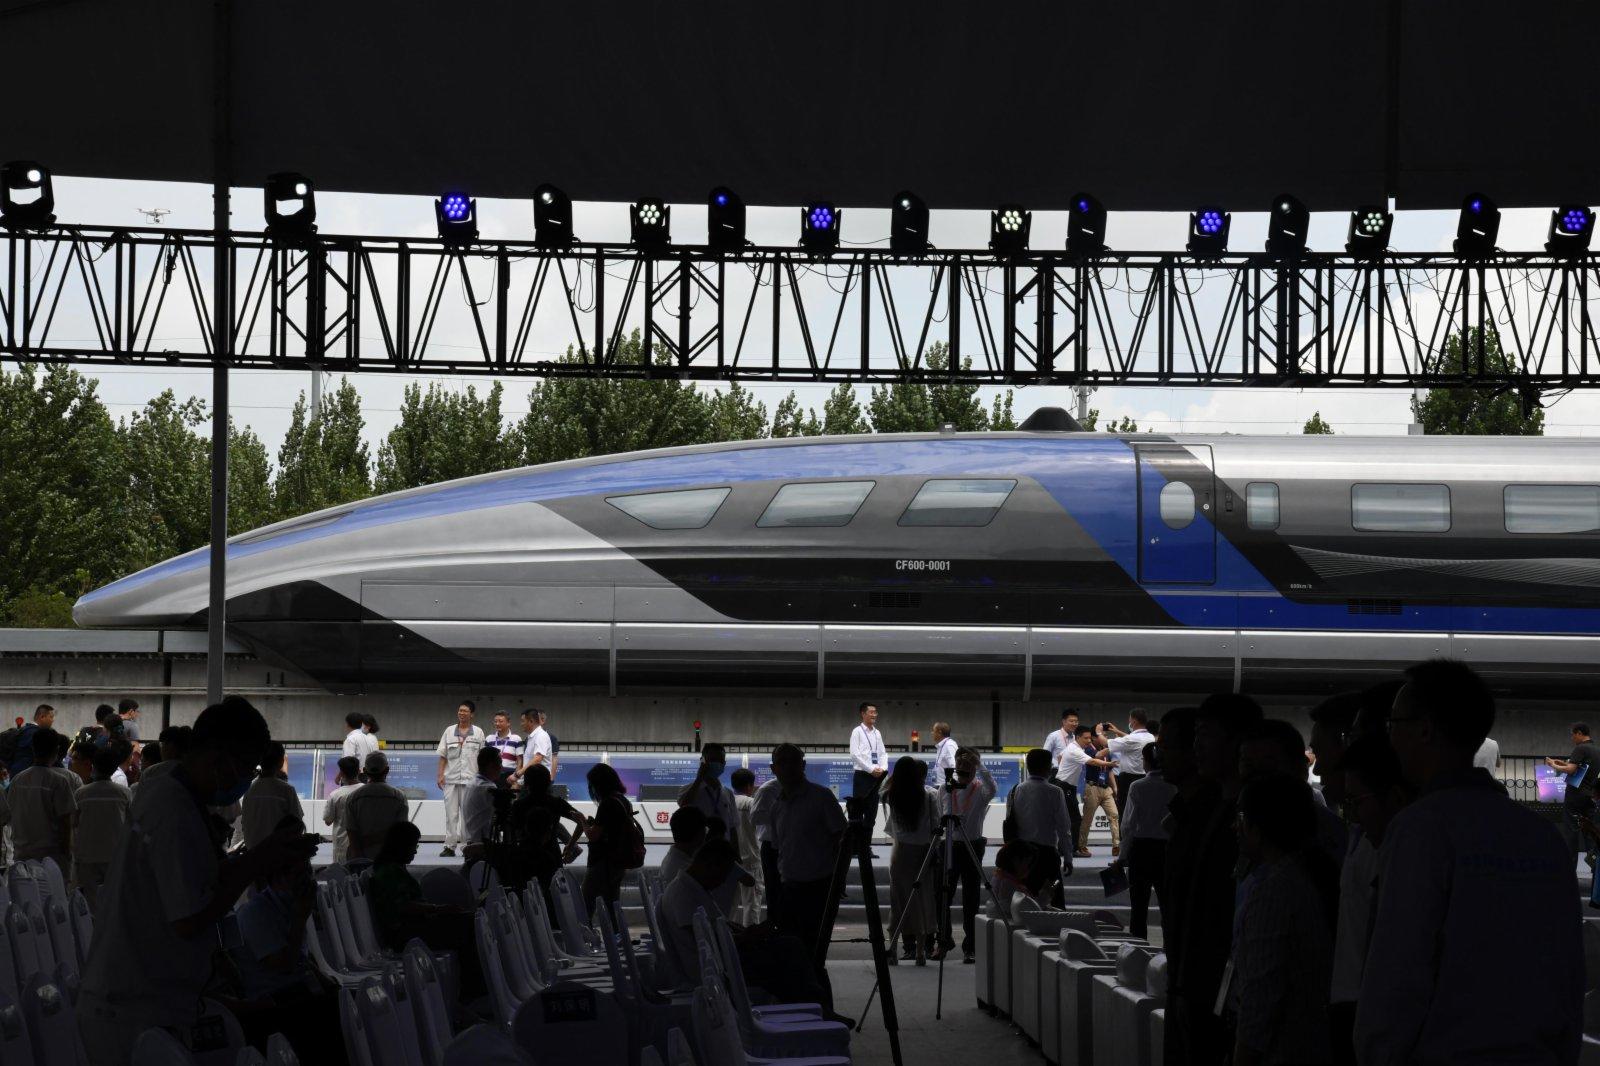 這是7月20日在山東青島拍攝的時速600公里高速磁浮交通系統下線儀式現場。